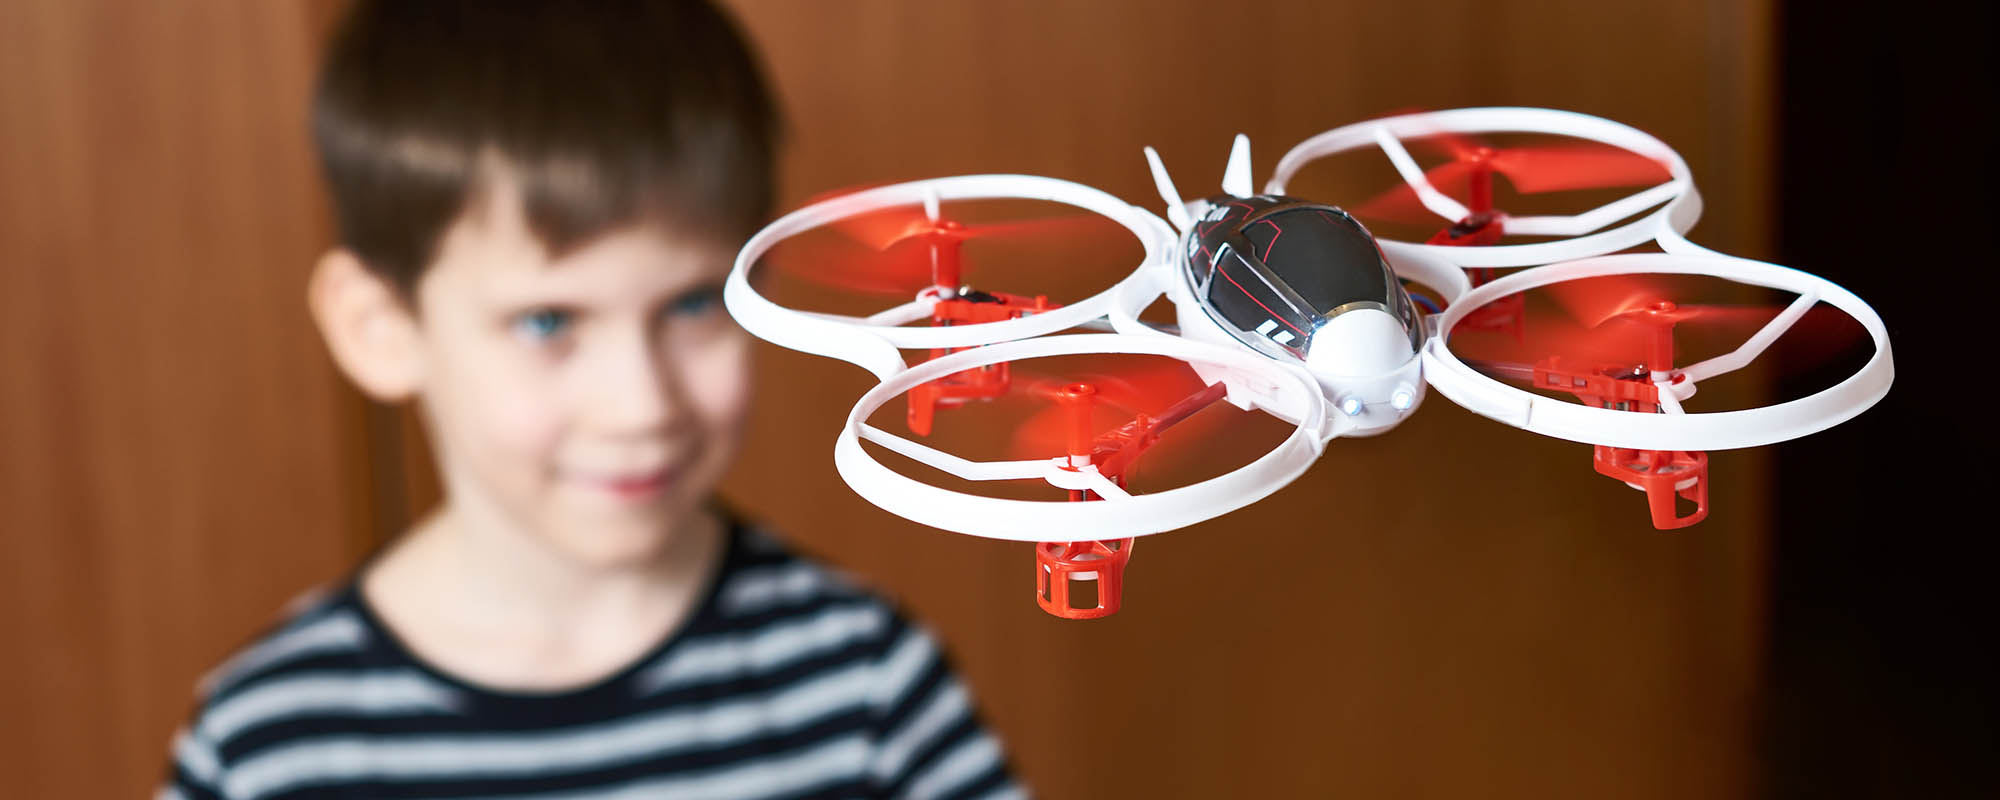 drones tres cantos